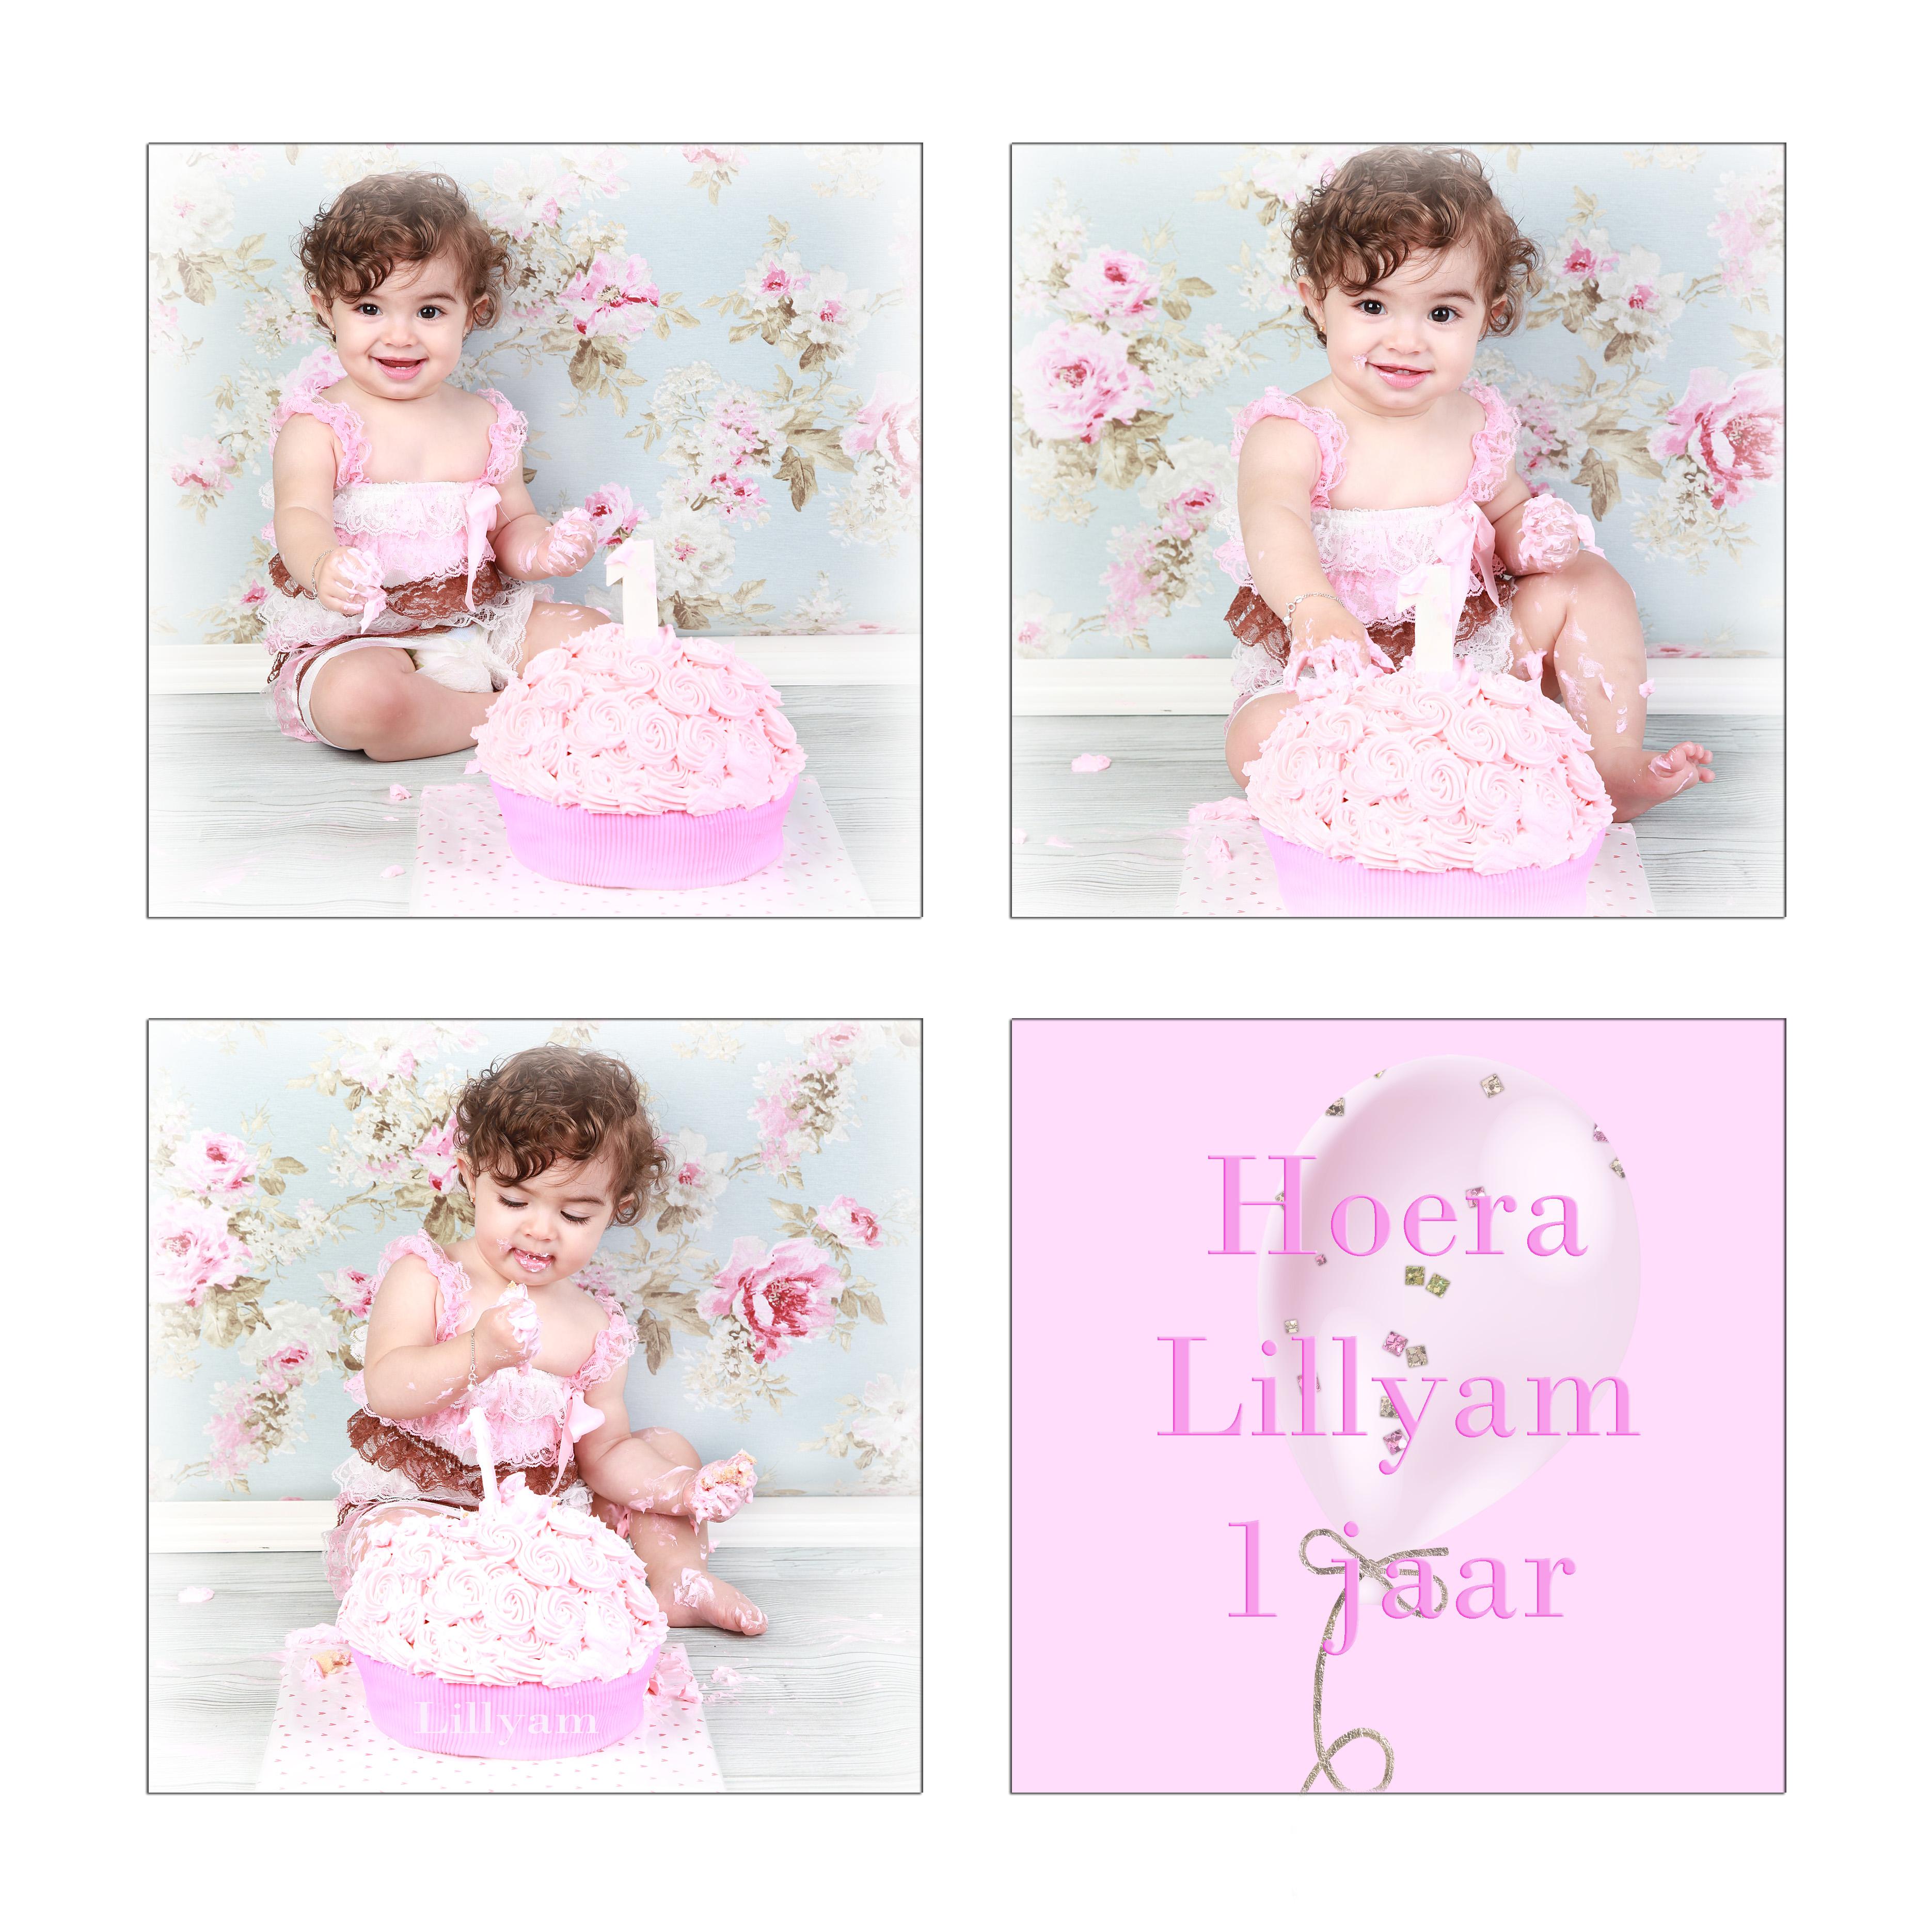 Lillyam